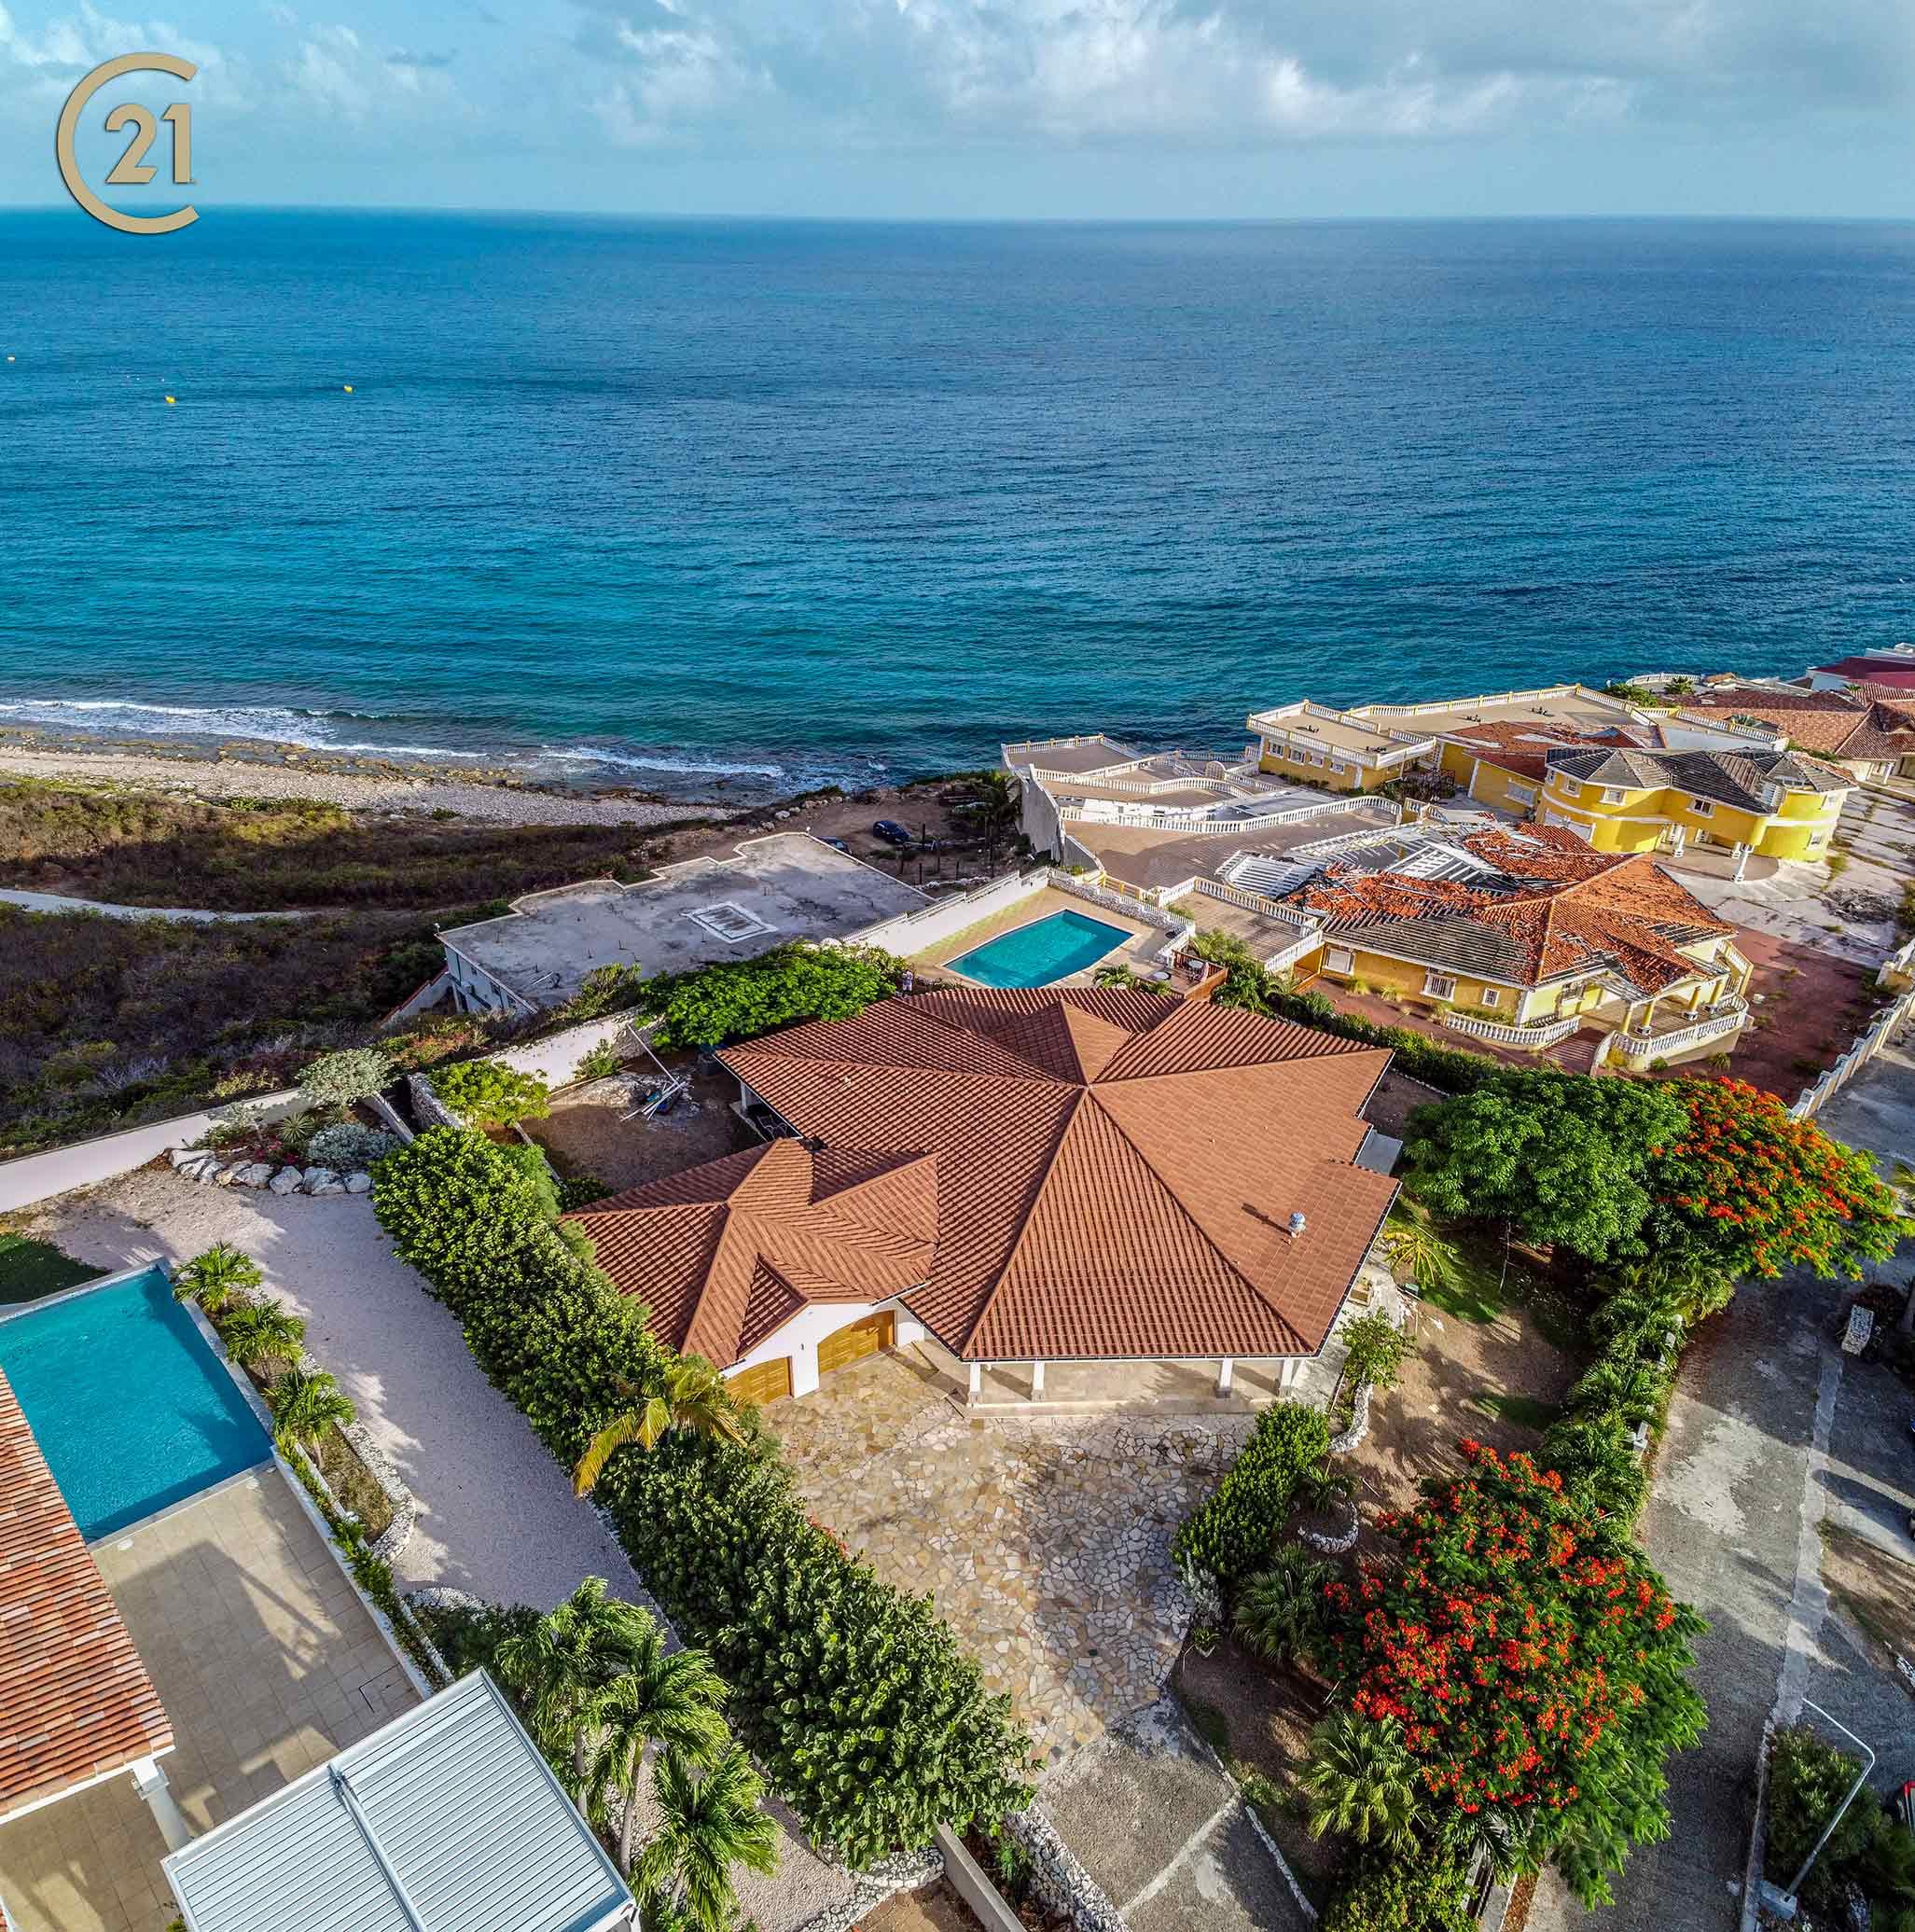 Pelican Key Luxury Ocean View Villa Del Mar